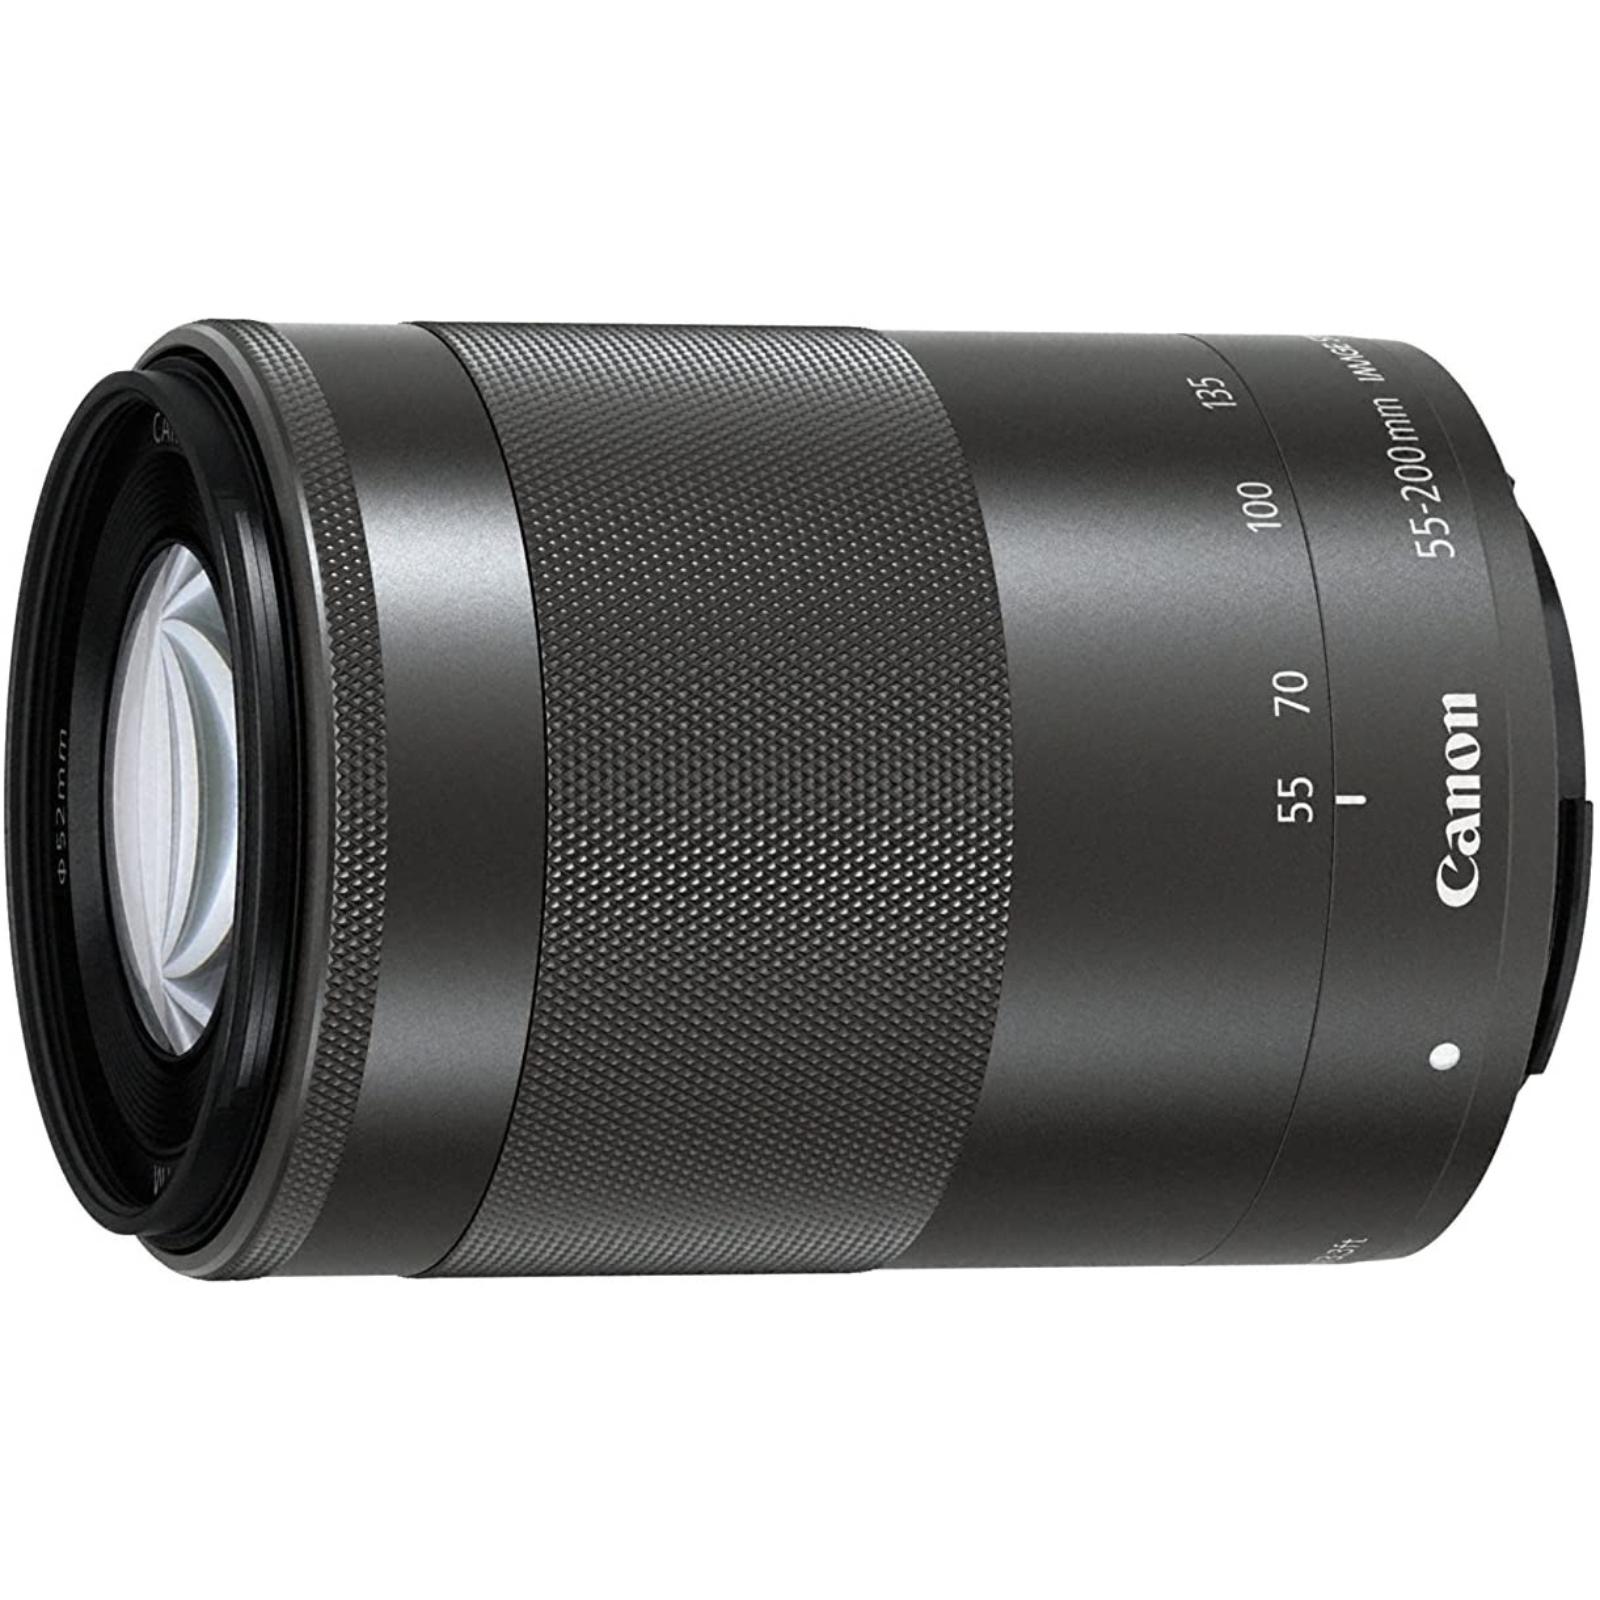 Canon キヤノン 望遠ズームレンズ EF-M55-200mm F4.5-6.3 IS STM ブラック 新品